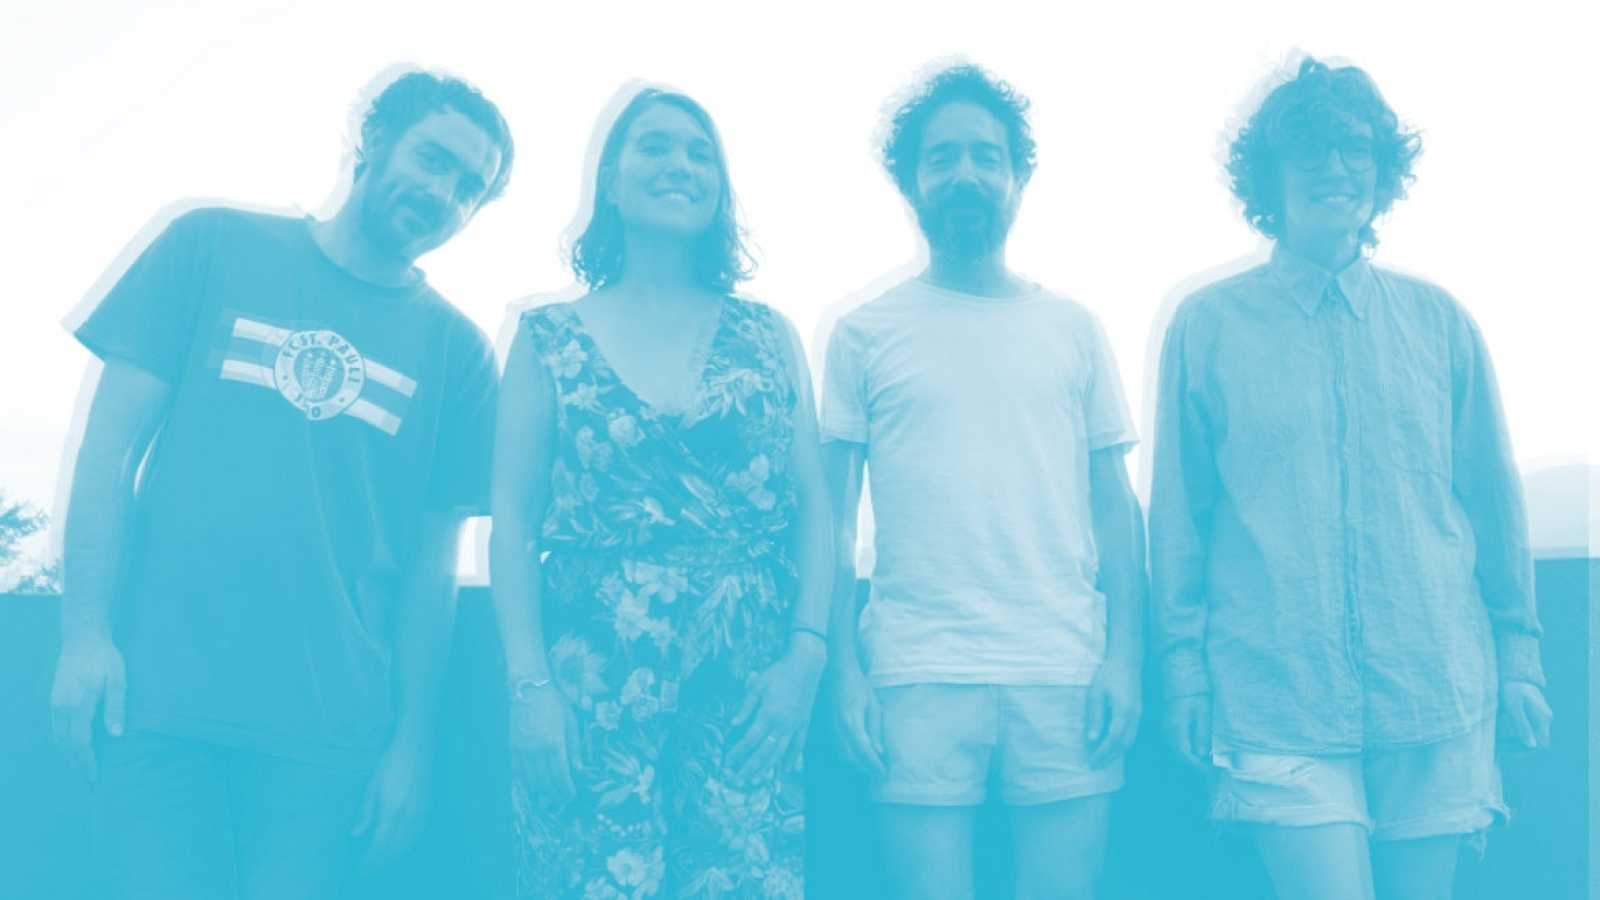 Capitán Demo - Kiwis y sorpresas - 09/11/20 - Escuchar ahora